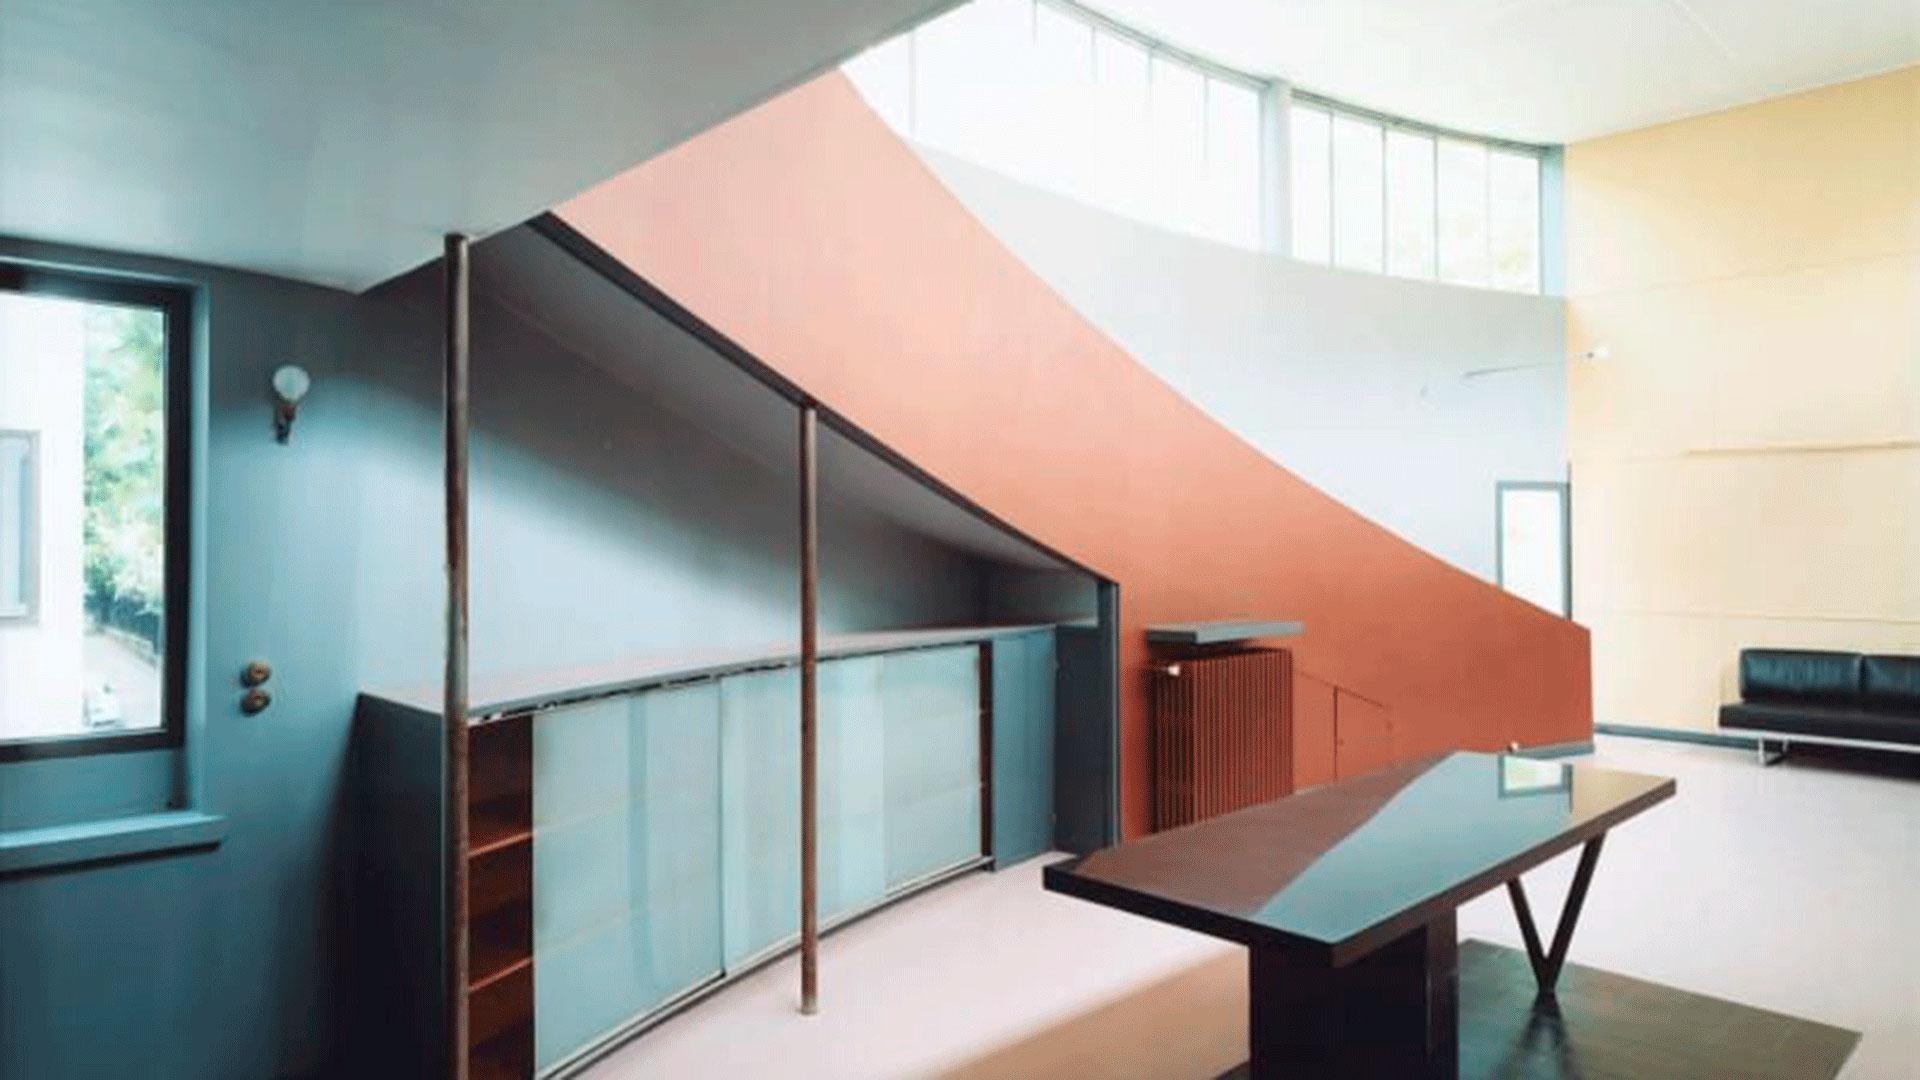 Fotografía de Guido Guidi de la exposición Le Corbusier – 5 Architectures